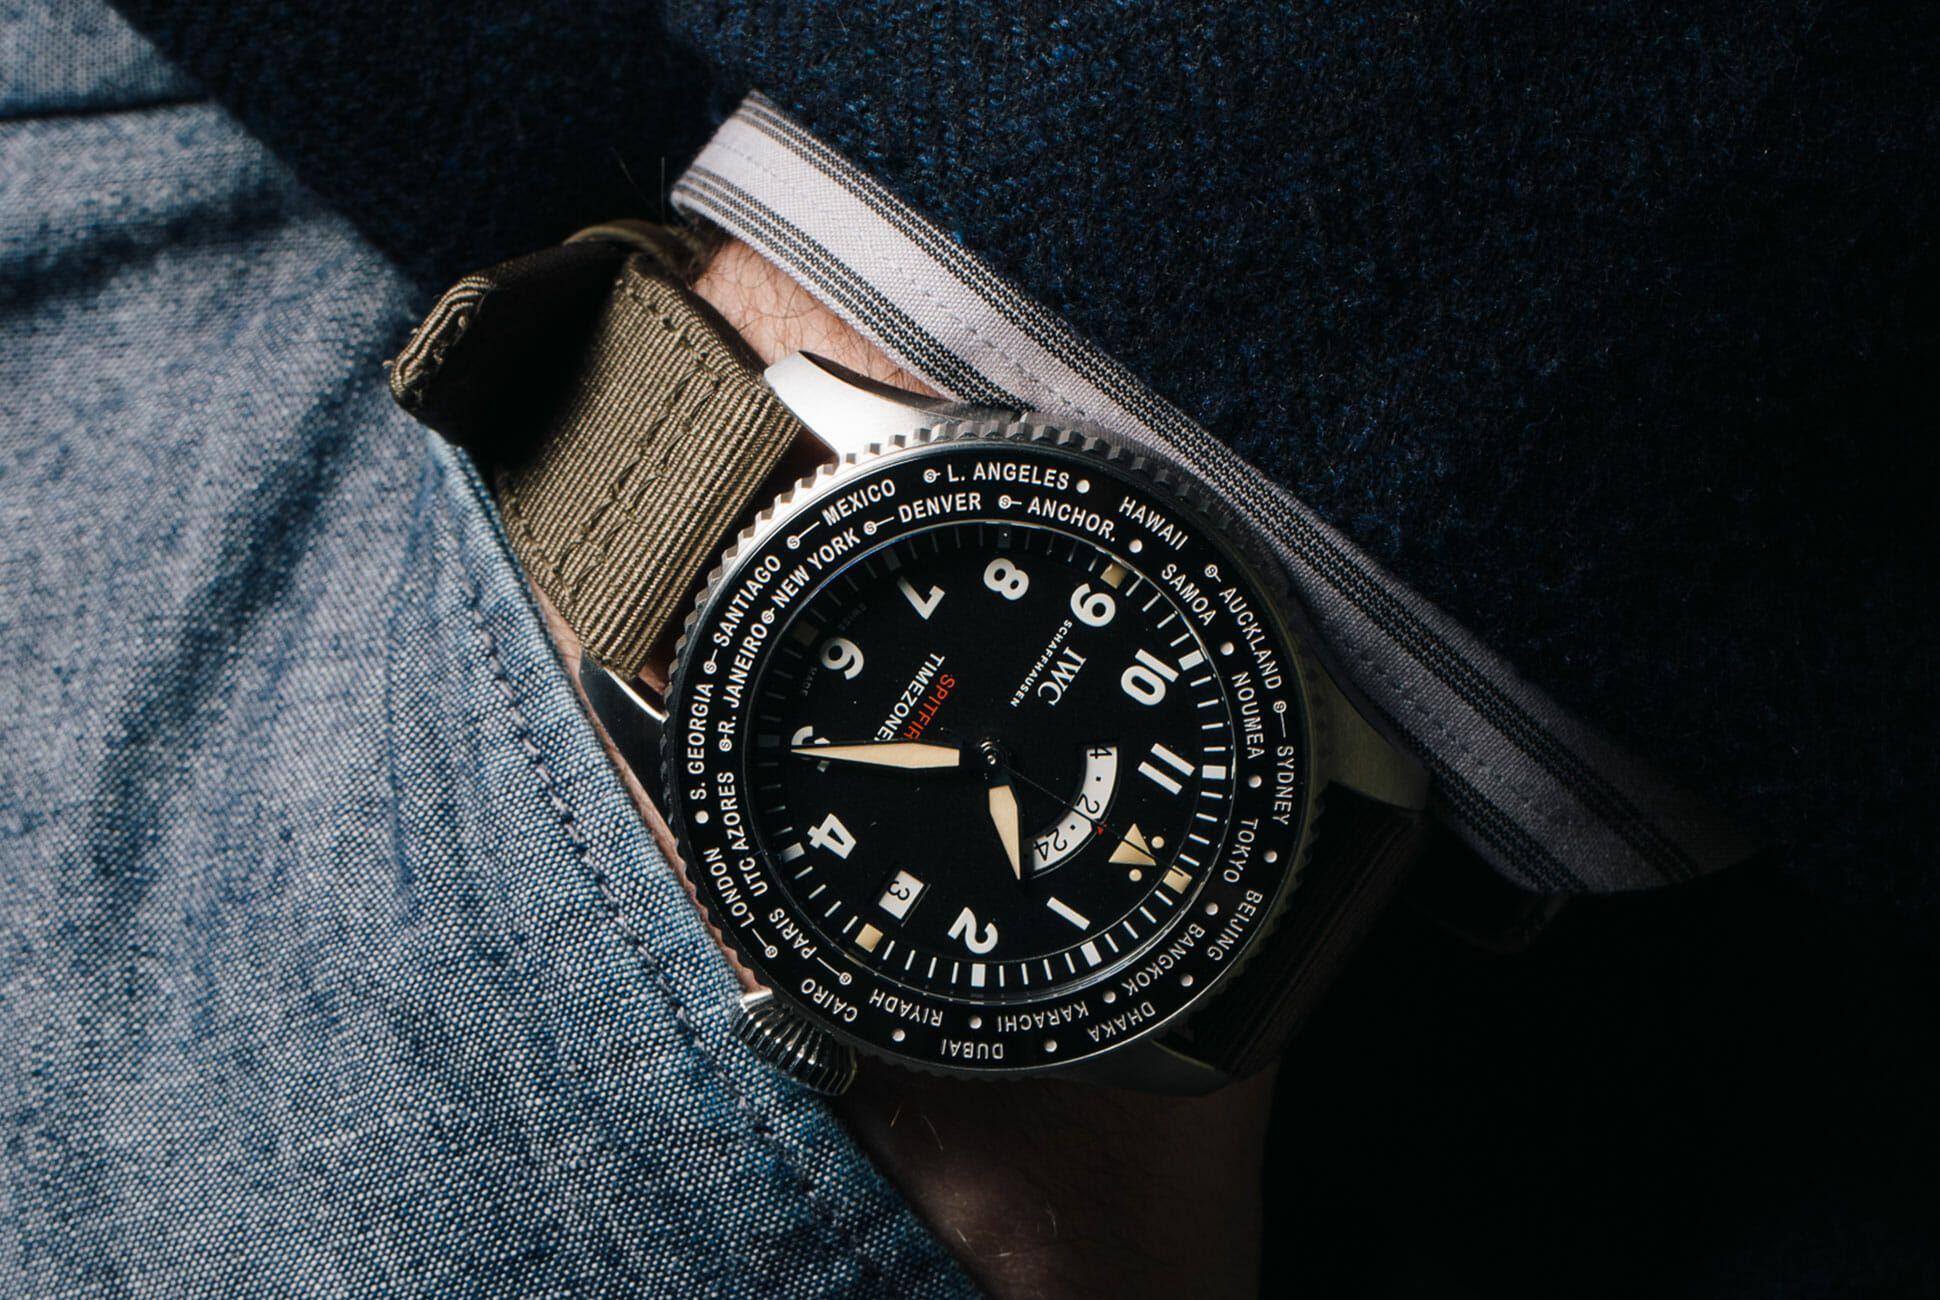 Best-of-SIHH-gear-patrol-IWC-Timezoner-The-Longest-Flight-slide-4